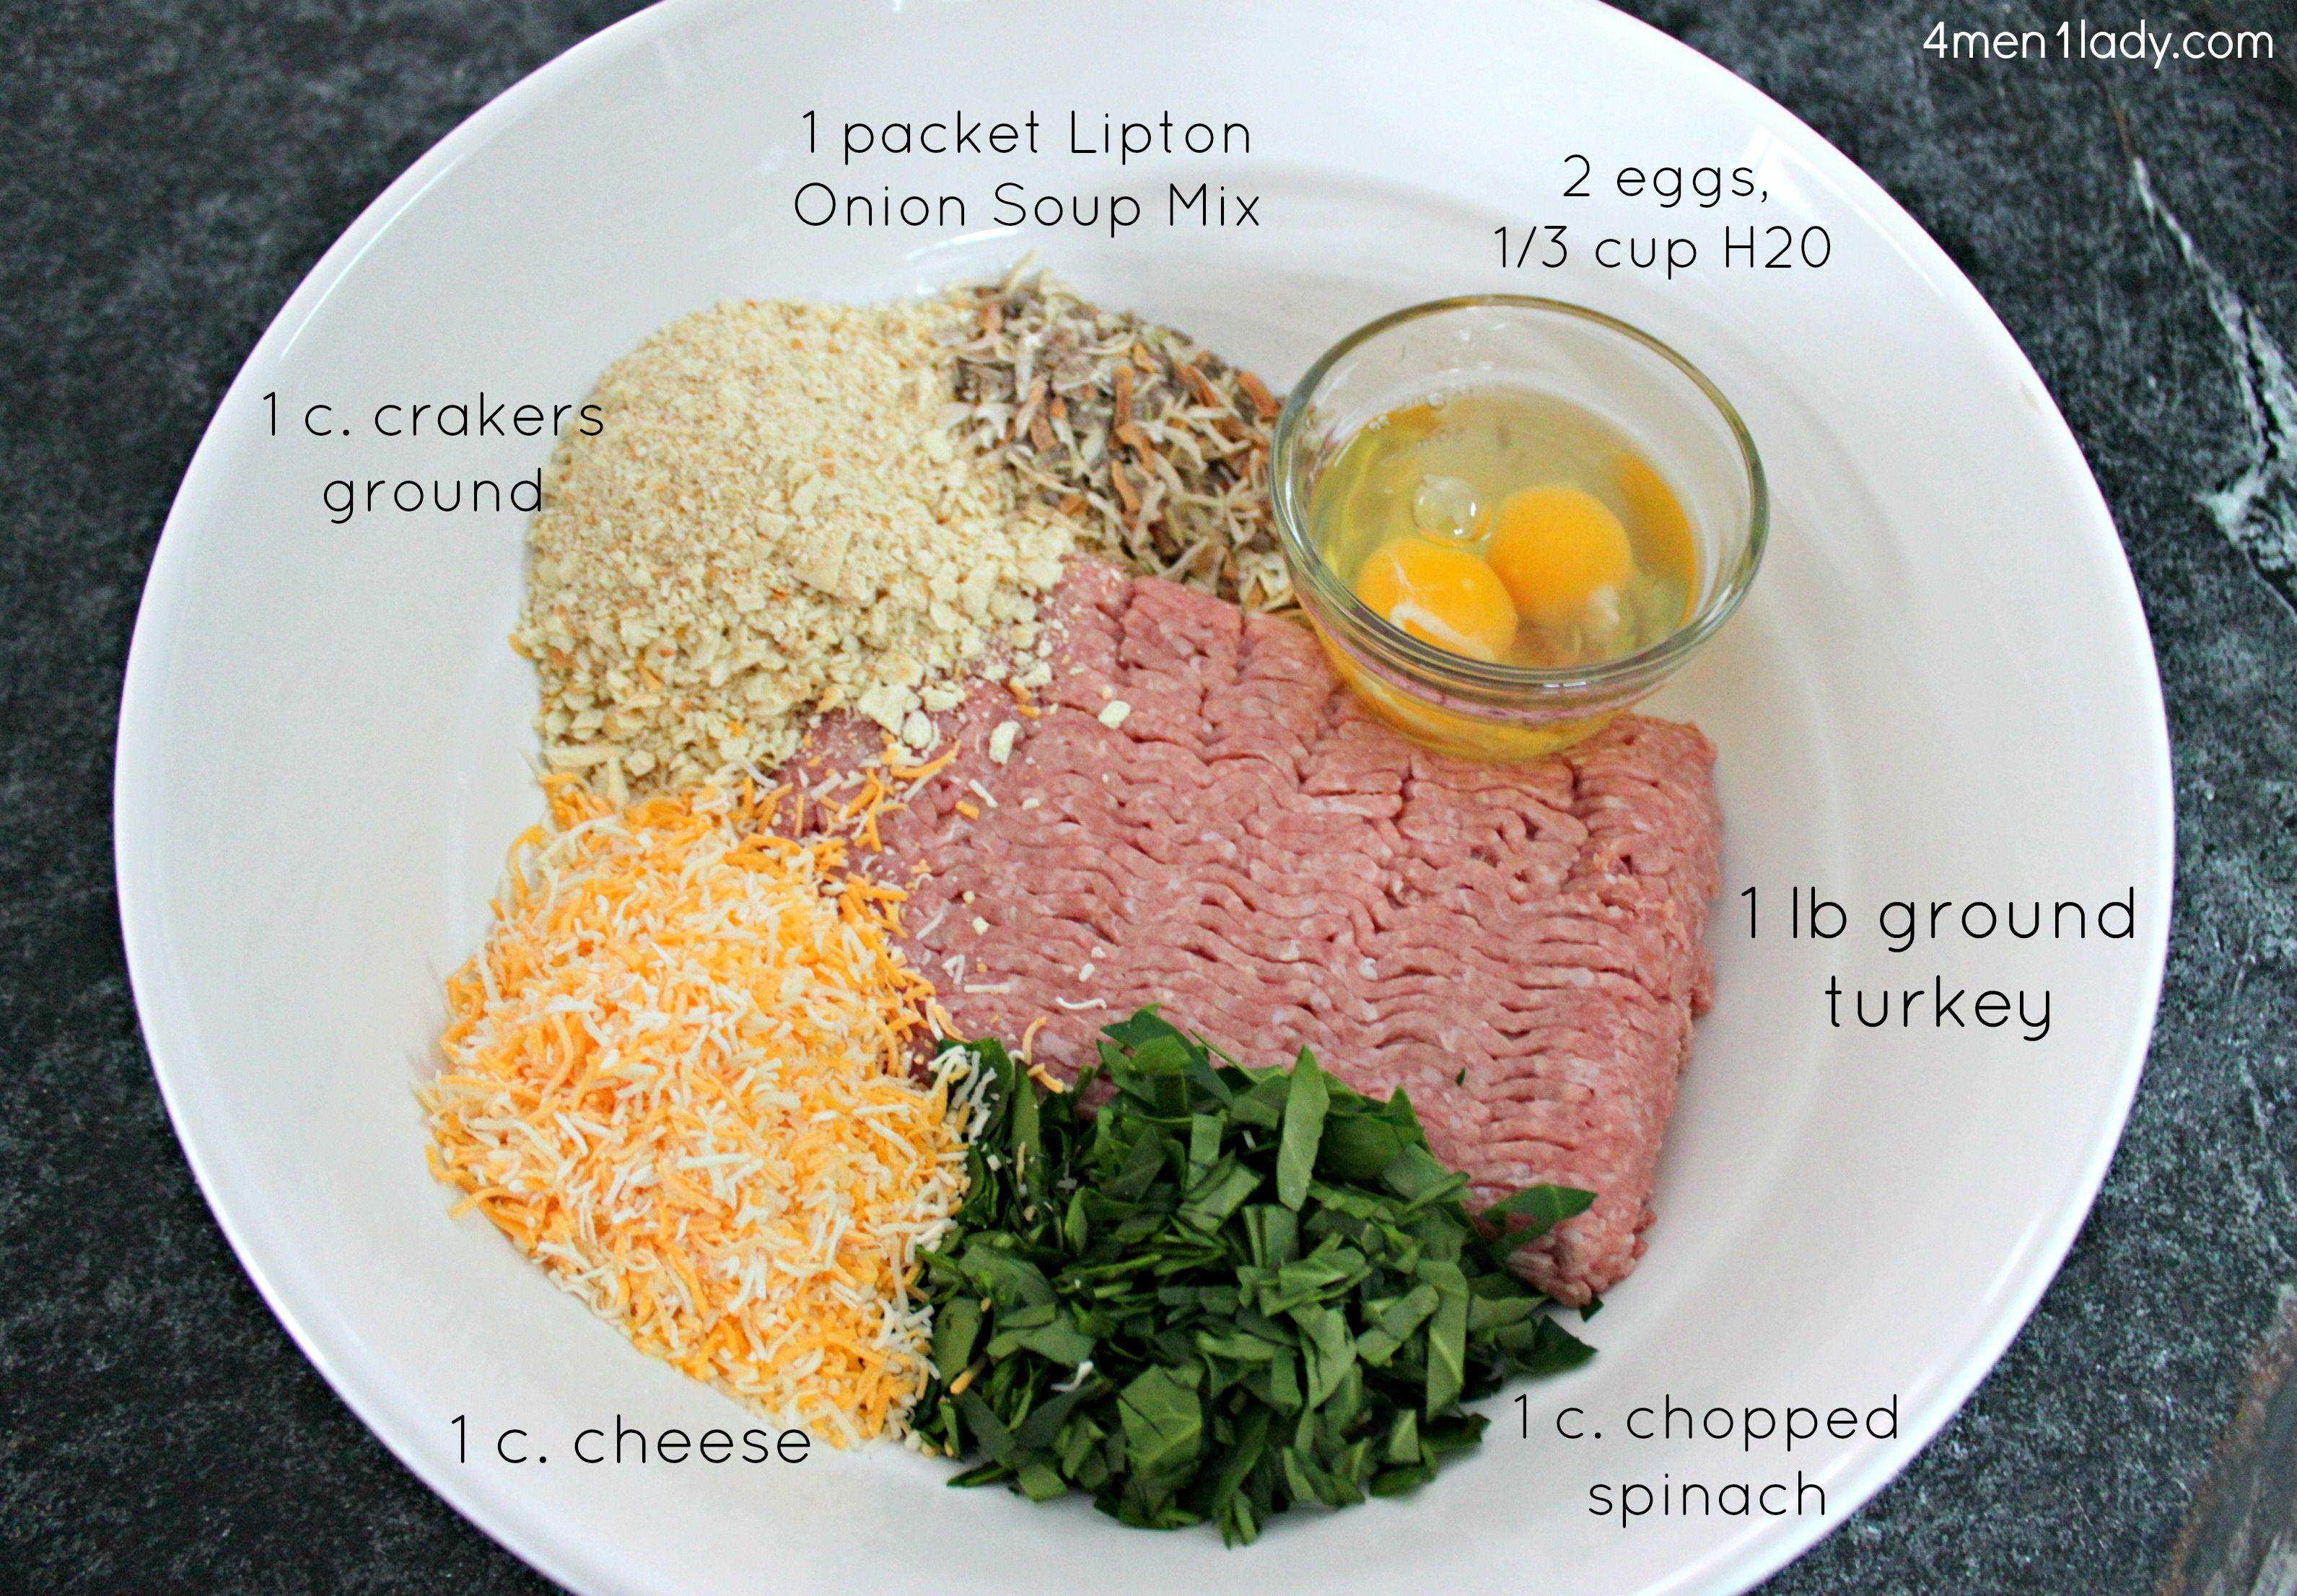 Foodie Friday Easy Turkey Meatloaf 4 Men 1 Lady Easy Turkey Meatloaf Turkey Meatloaf Recipes Turkey Meatloaf